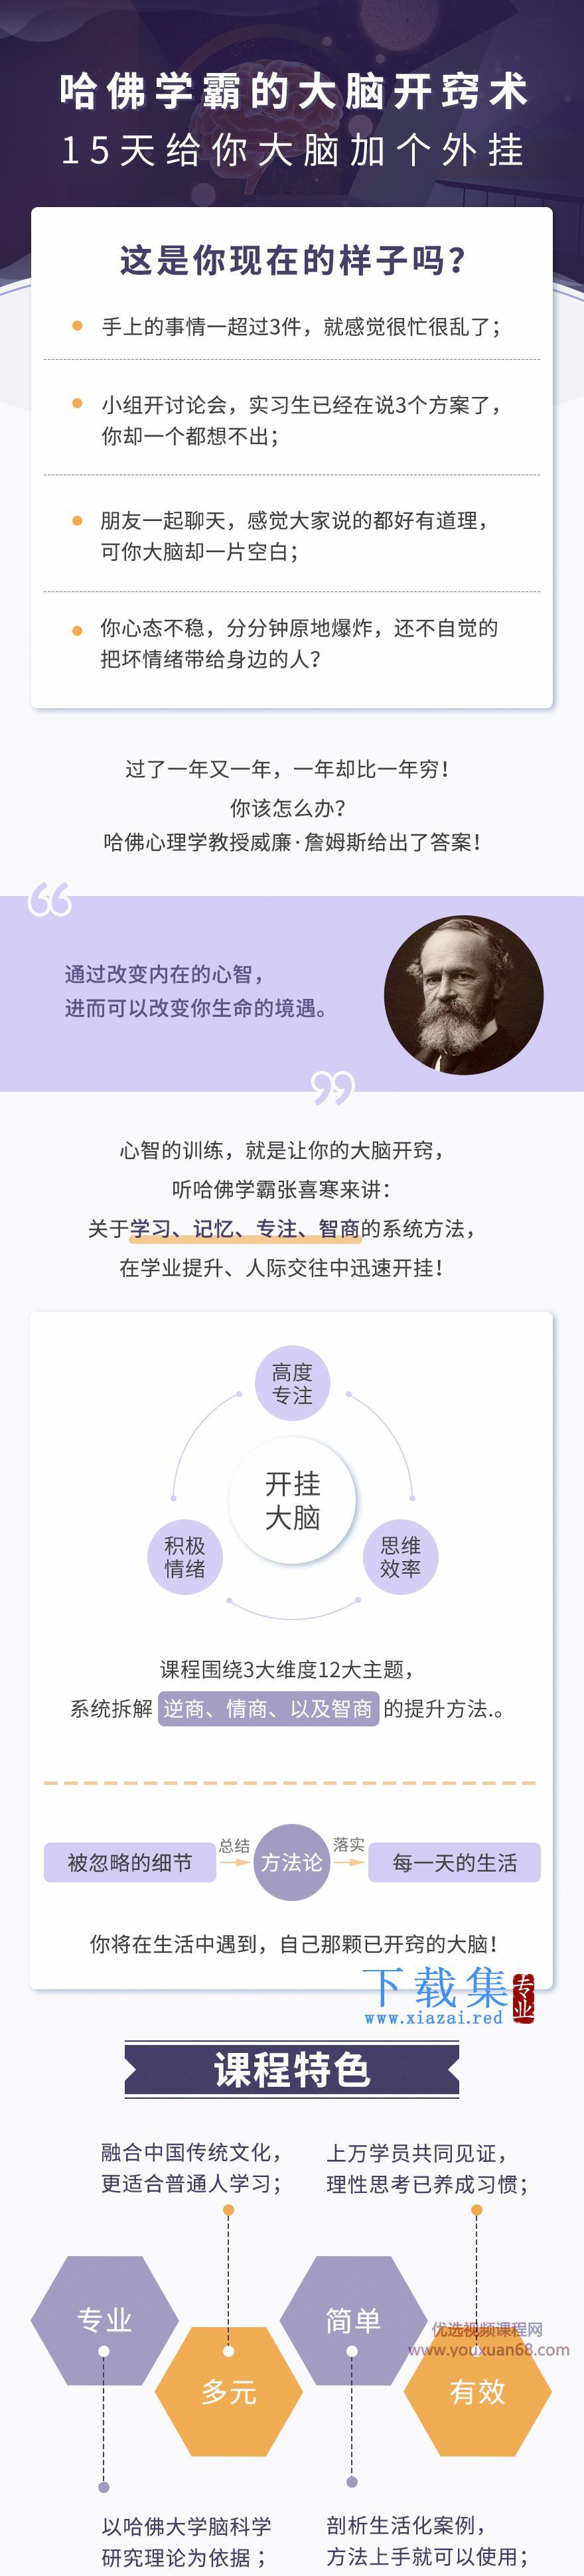 张喜寒:哈佛心智训练课15天打造效率翻倍的心智模式